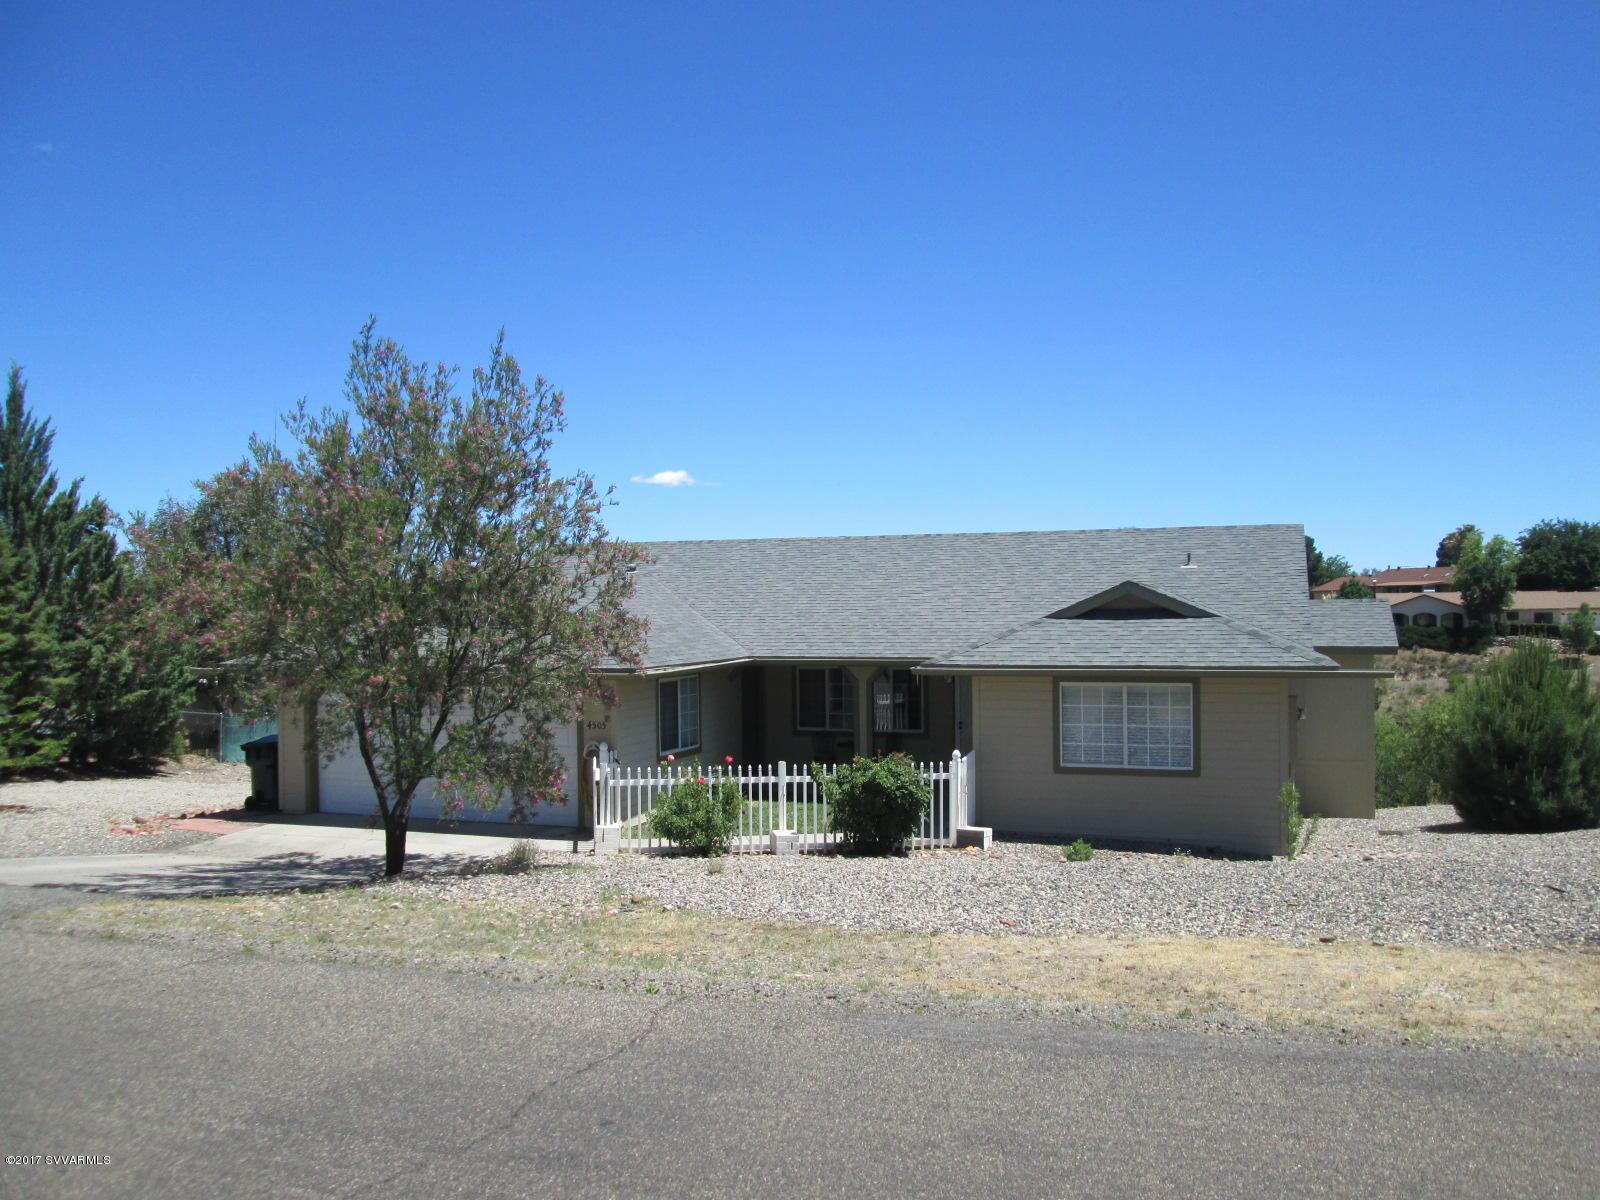 4505 Canyon Tr Cottonwood, AZ 86326